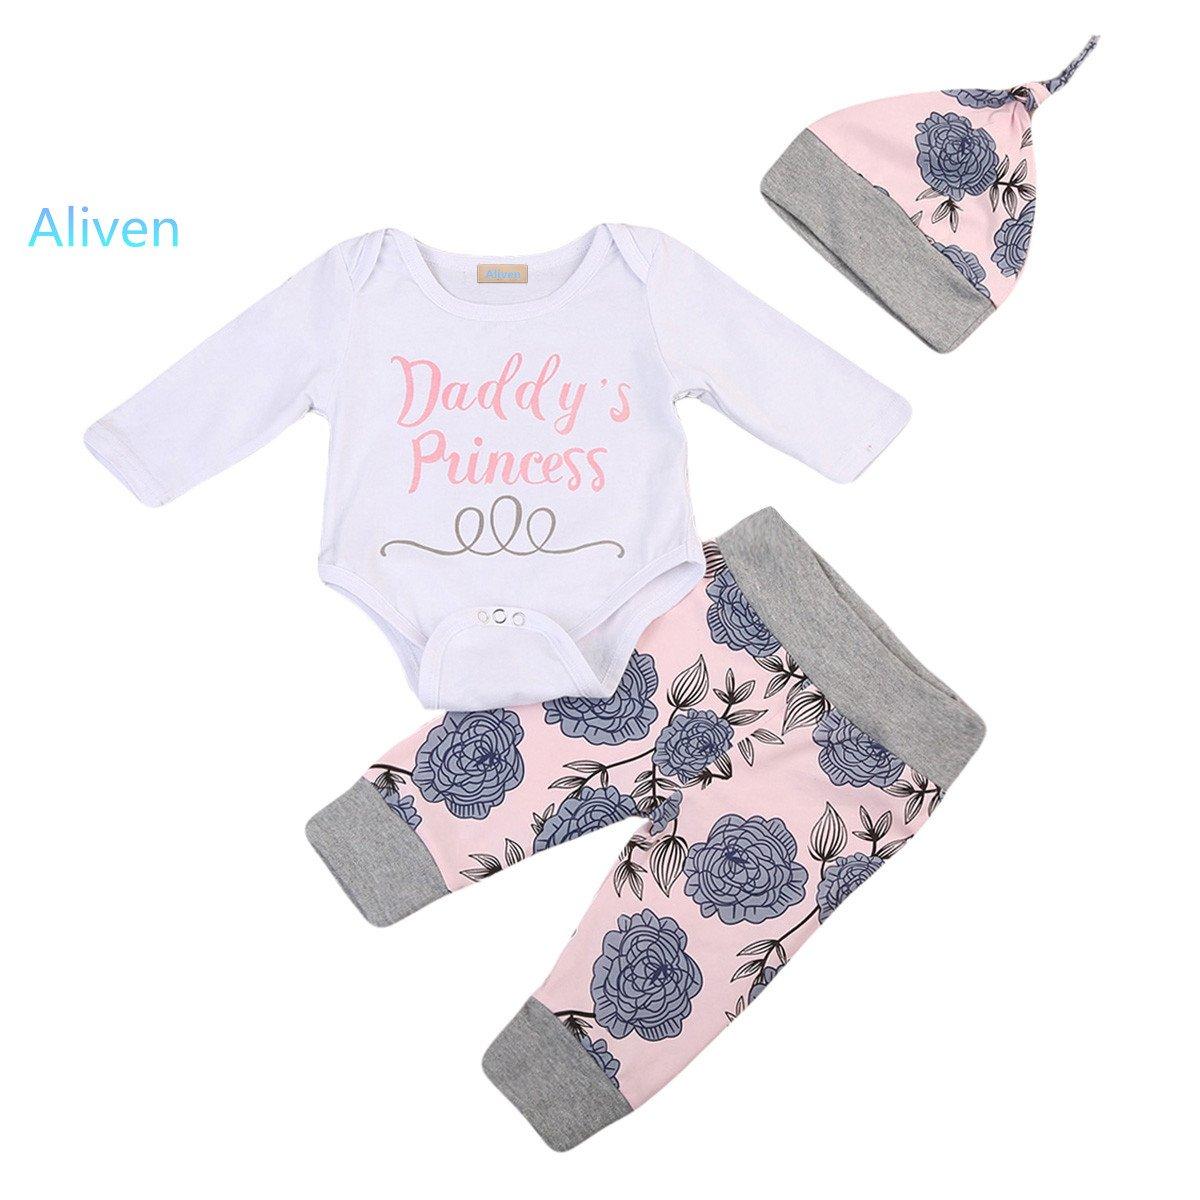 【本日特価】 Aliven PANTS ベビーガールズ - 6 - 12 Months Daddy's Aliven Princess Daddy's B075C3YFS1, 硝子工房ヴァレーホース:91aea741 --- a0267596.xsph.ru